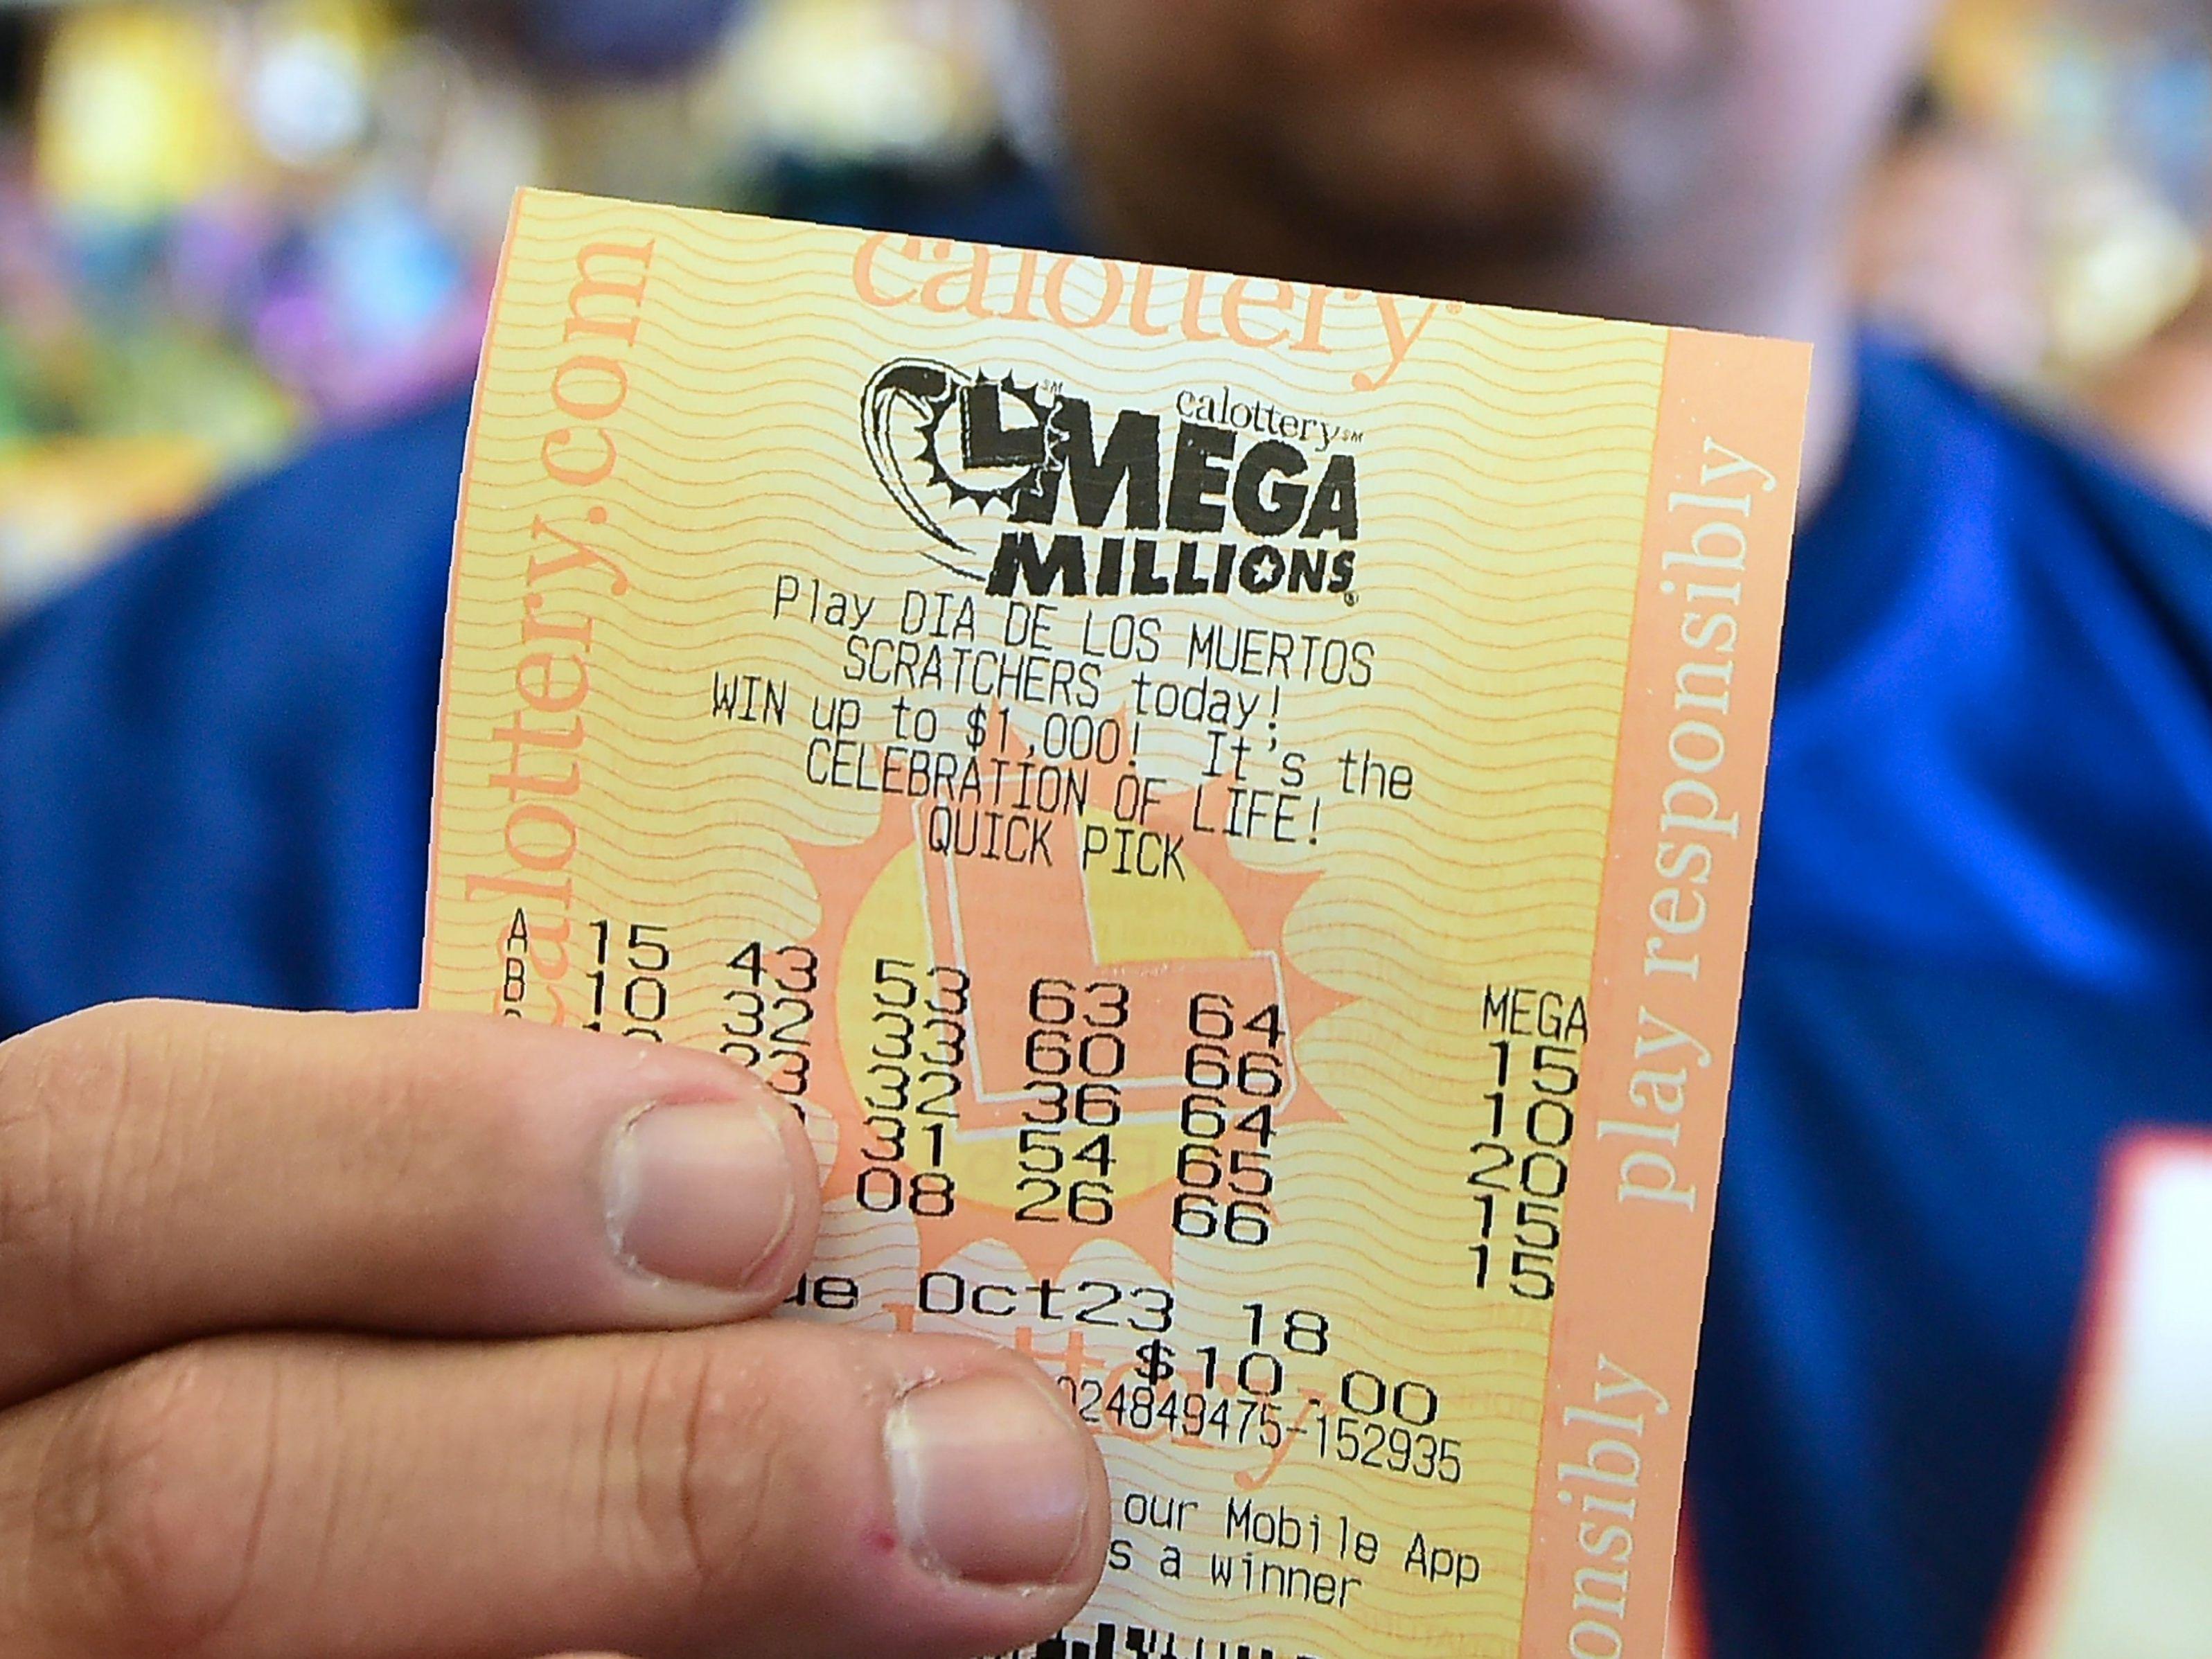 Lotteriinspektionen cash hvert depositum interwetten